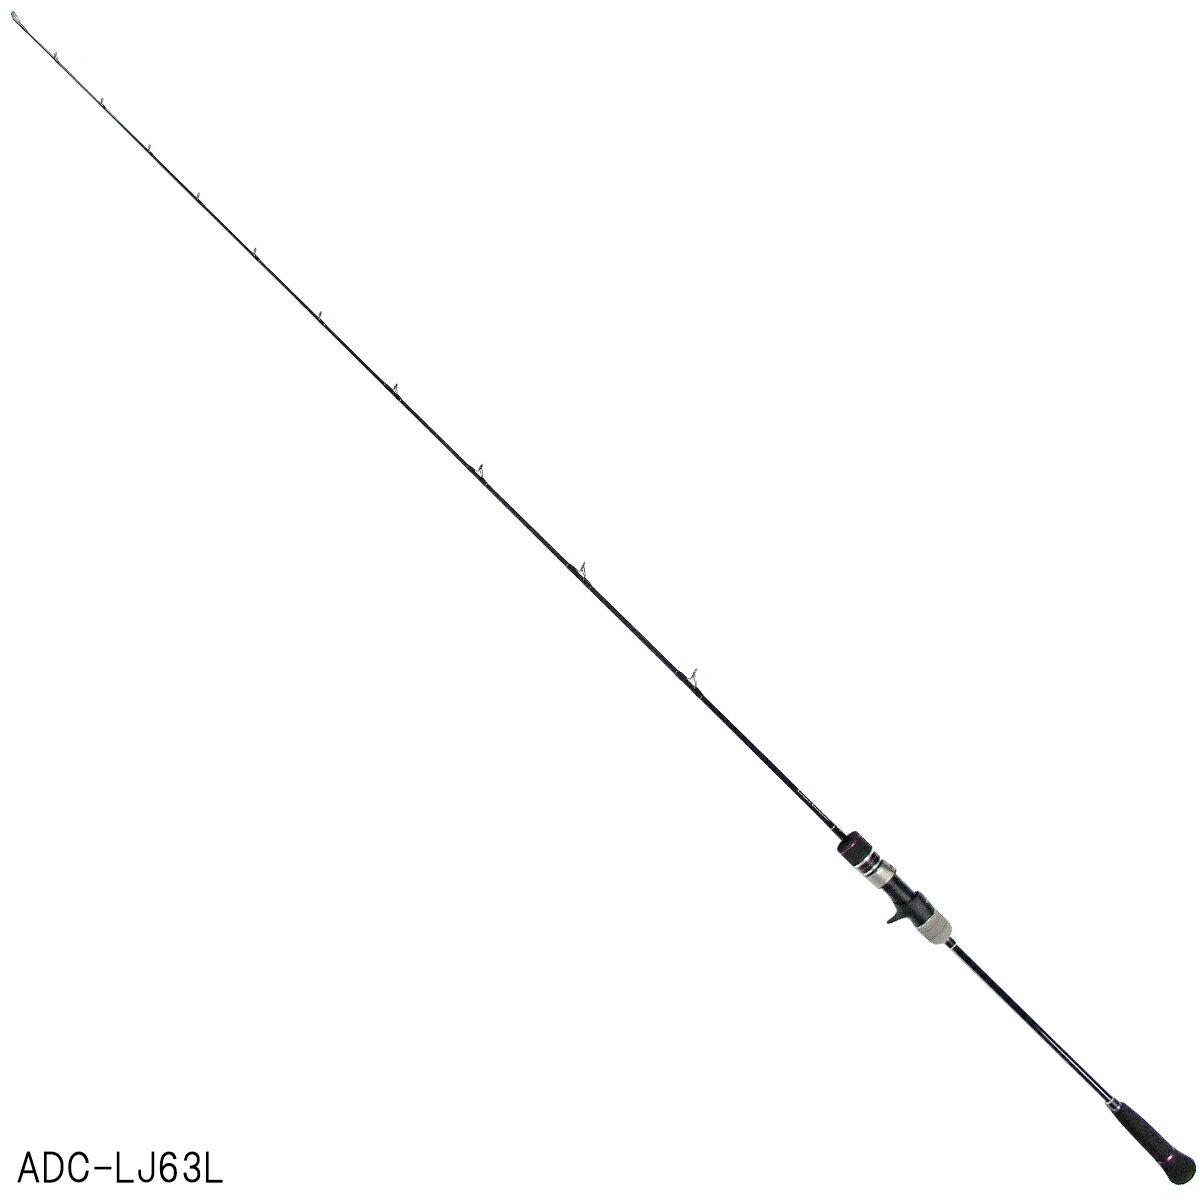 ジャッカル アンチョビドライバー LJ ADC-LJ63L